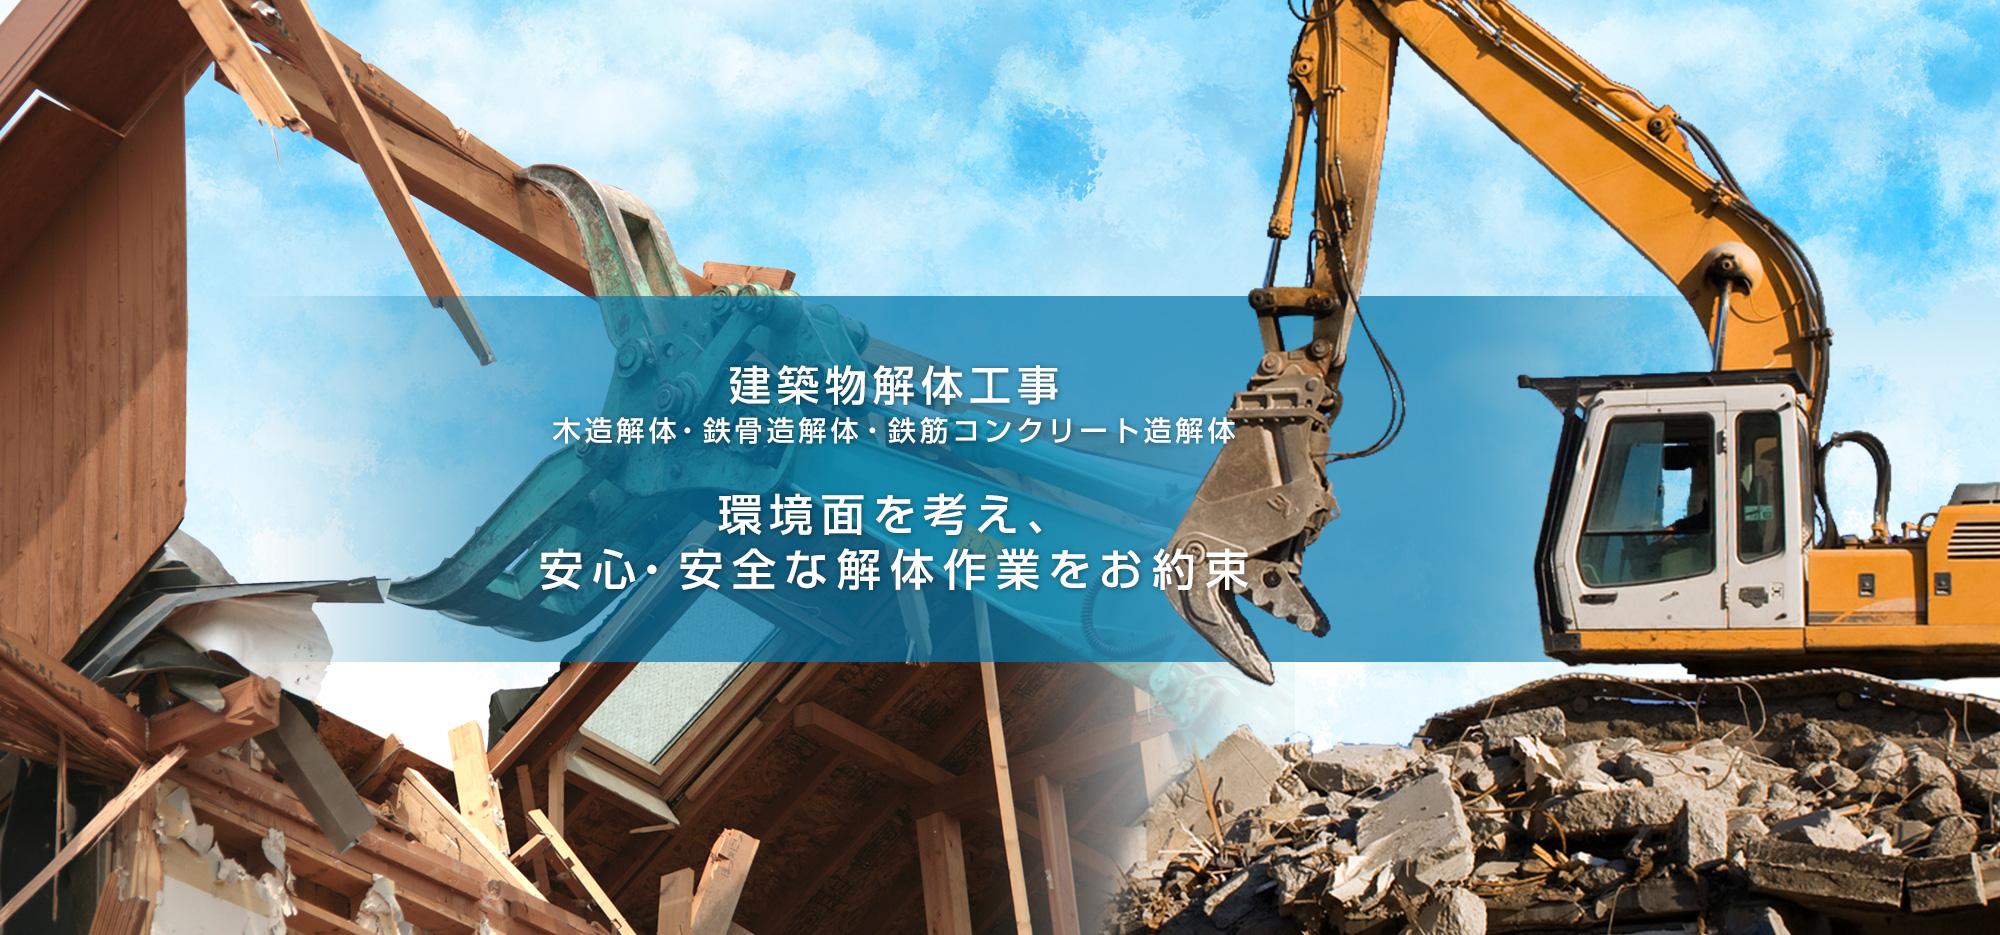 建築物解体工事 木造解体・鉄骨造解体・鉄筋コンクリート造解体 環境面を考え、安心・安全な解体作業をお約束